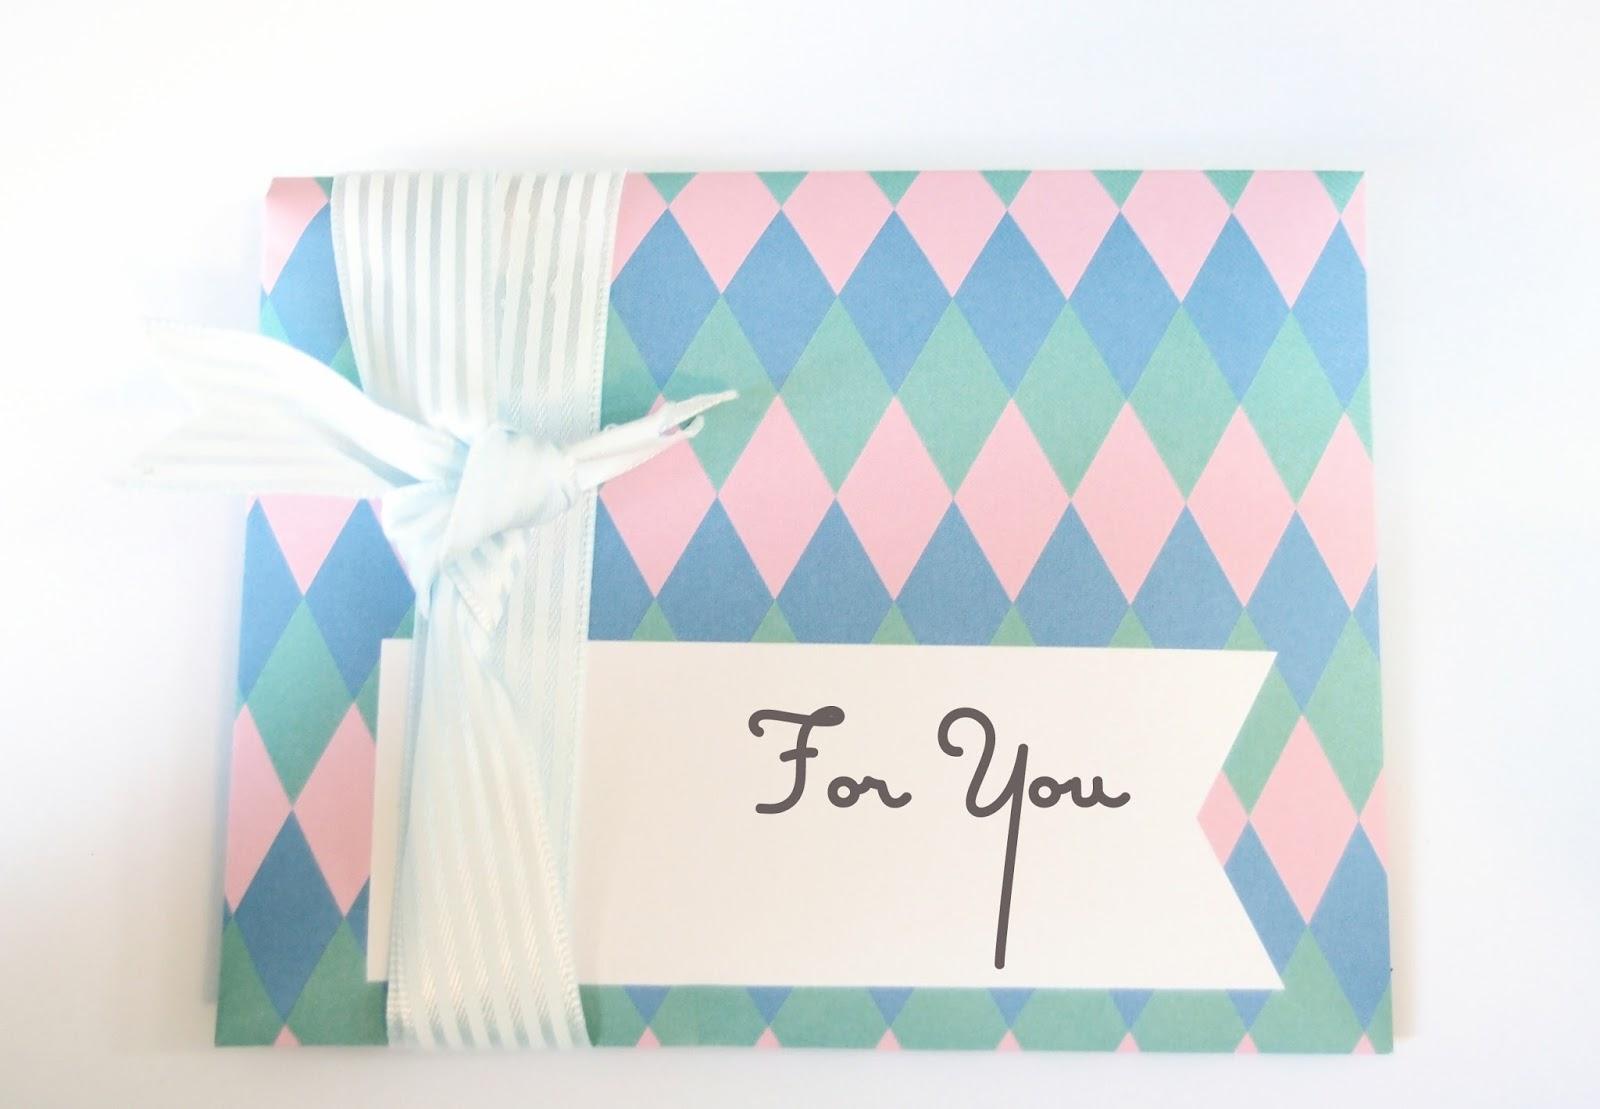 Snail mail letter and gift. Nassae Ithilwen.